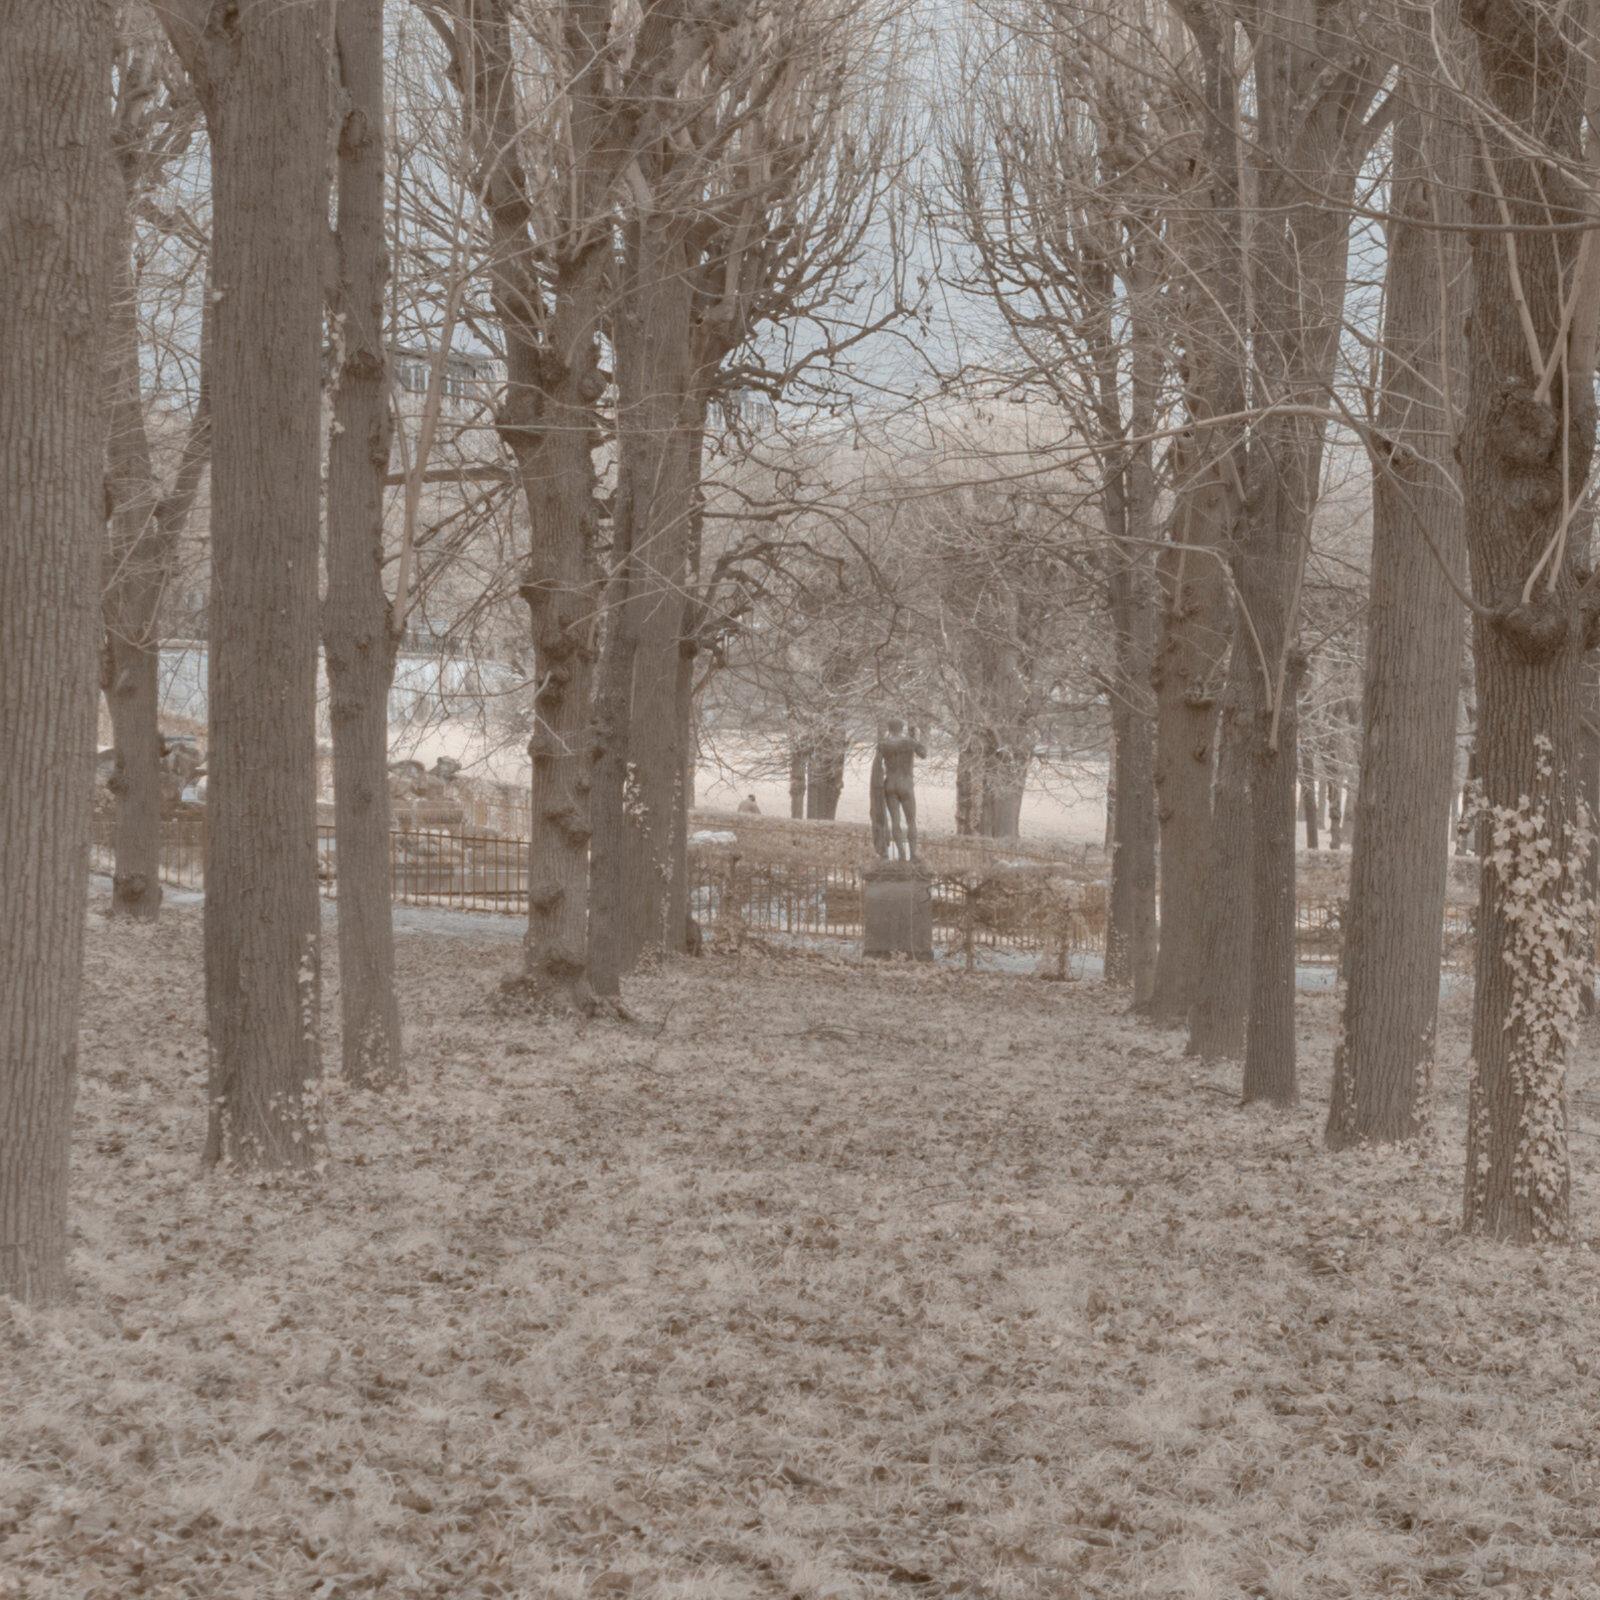 DETAILS 2 24mm F4 CANON 1 | Pierre-Louis Ferrer | Test du SIGMA 24mm F/1.4 DG HSM Art en photographie infrarouge | Partie 1